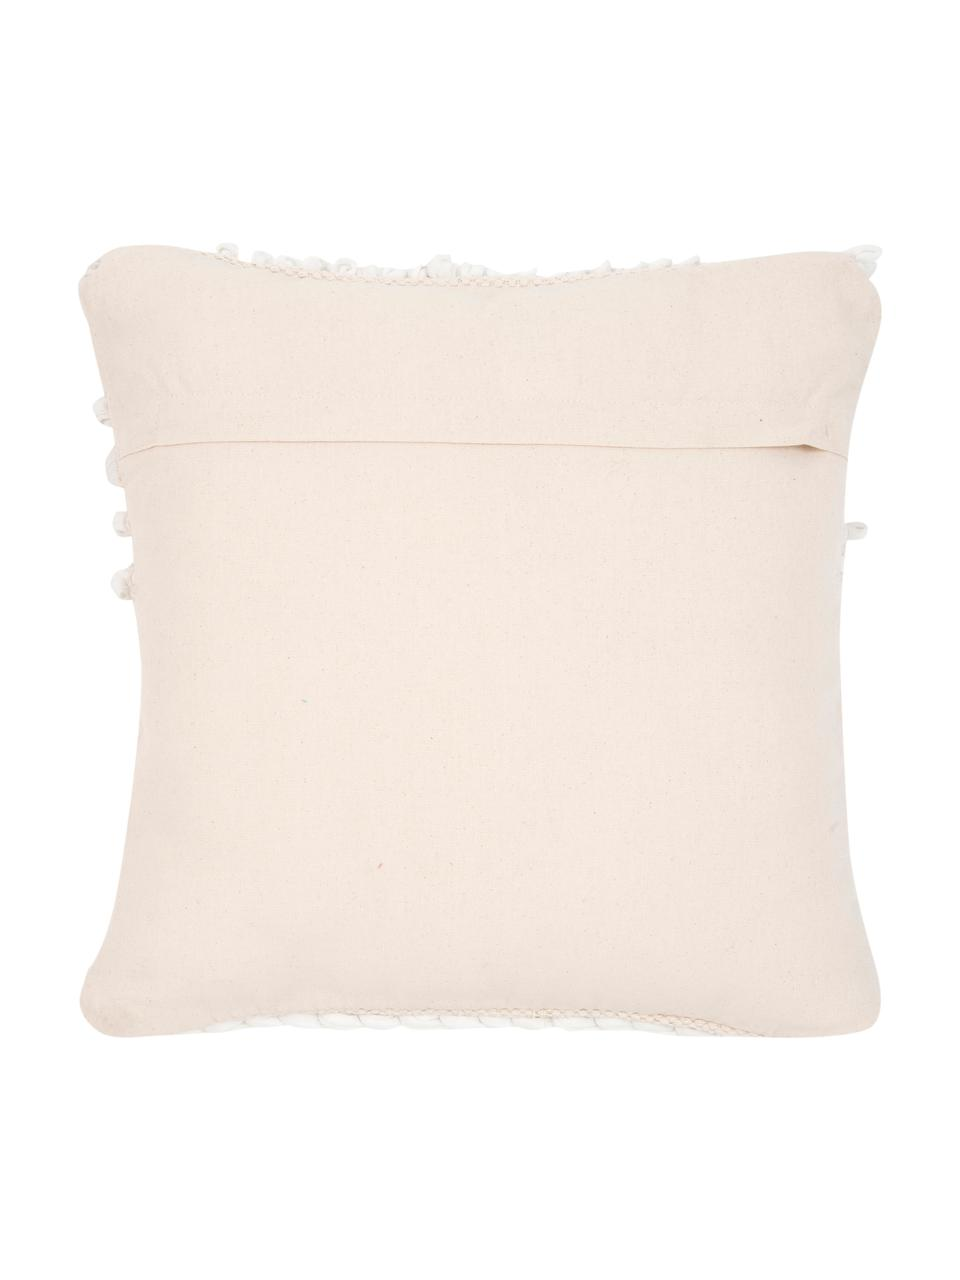 Poszewka na poduszkę Anoki, 80% bawełna, 20% poliester, Ecru, biały, S 45 x D 45 cm